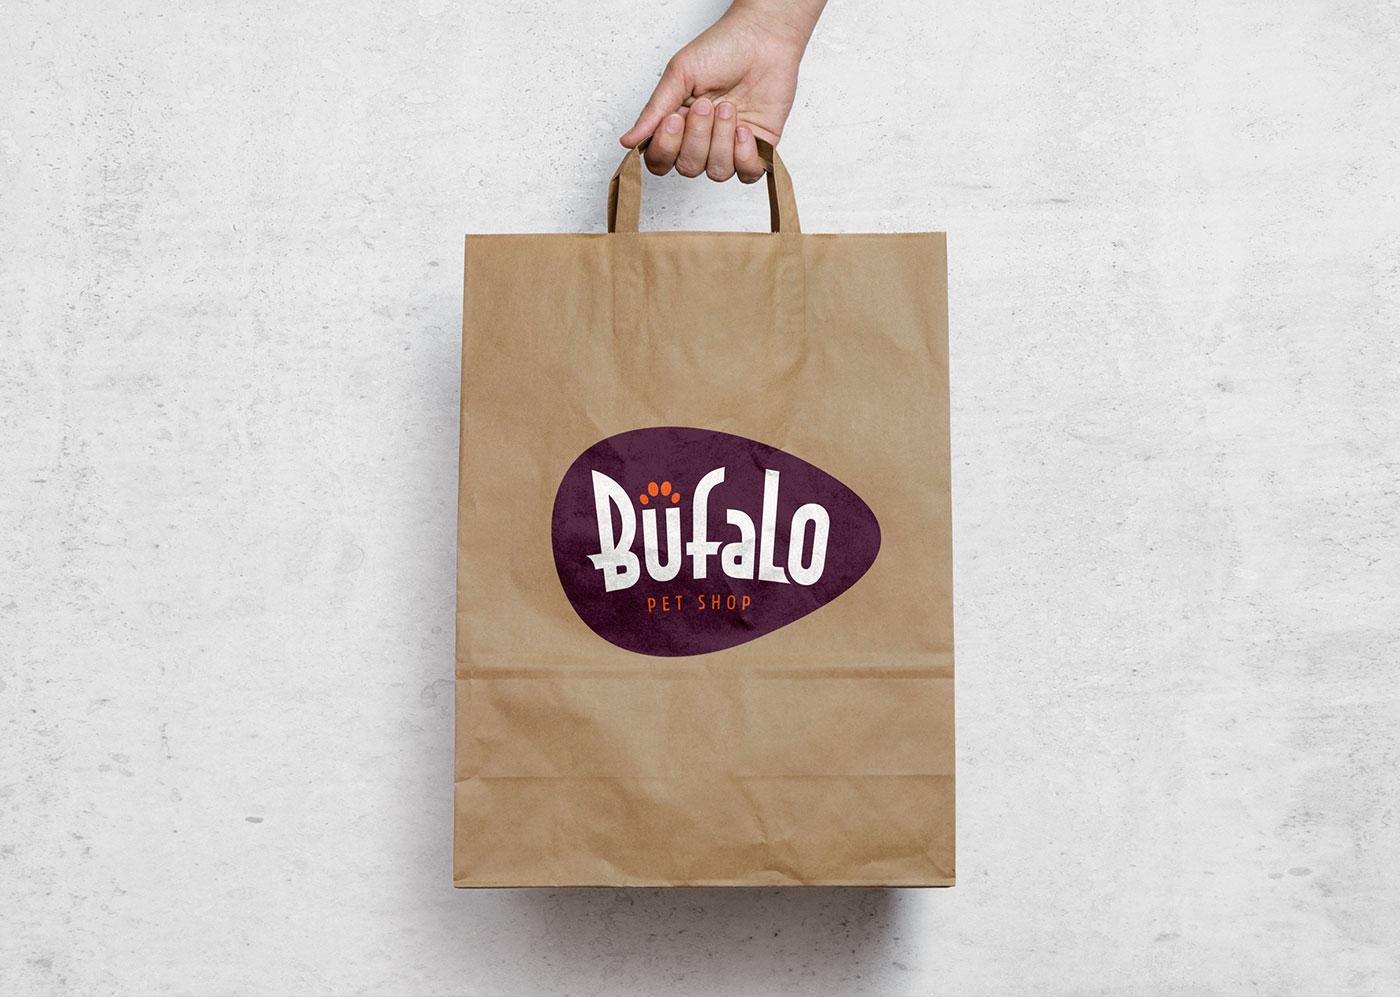 bufalo-logo-sacola